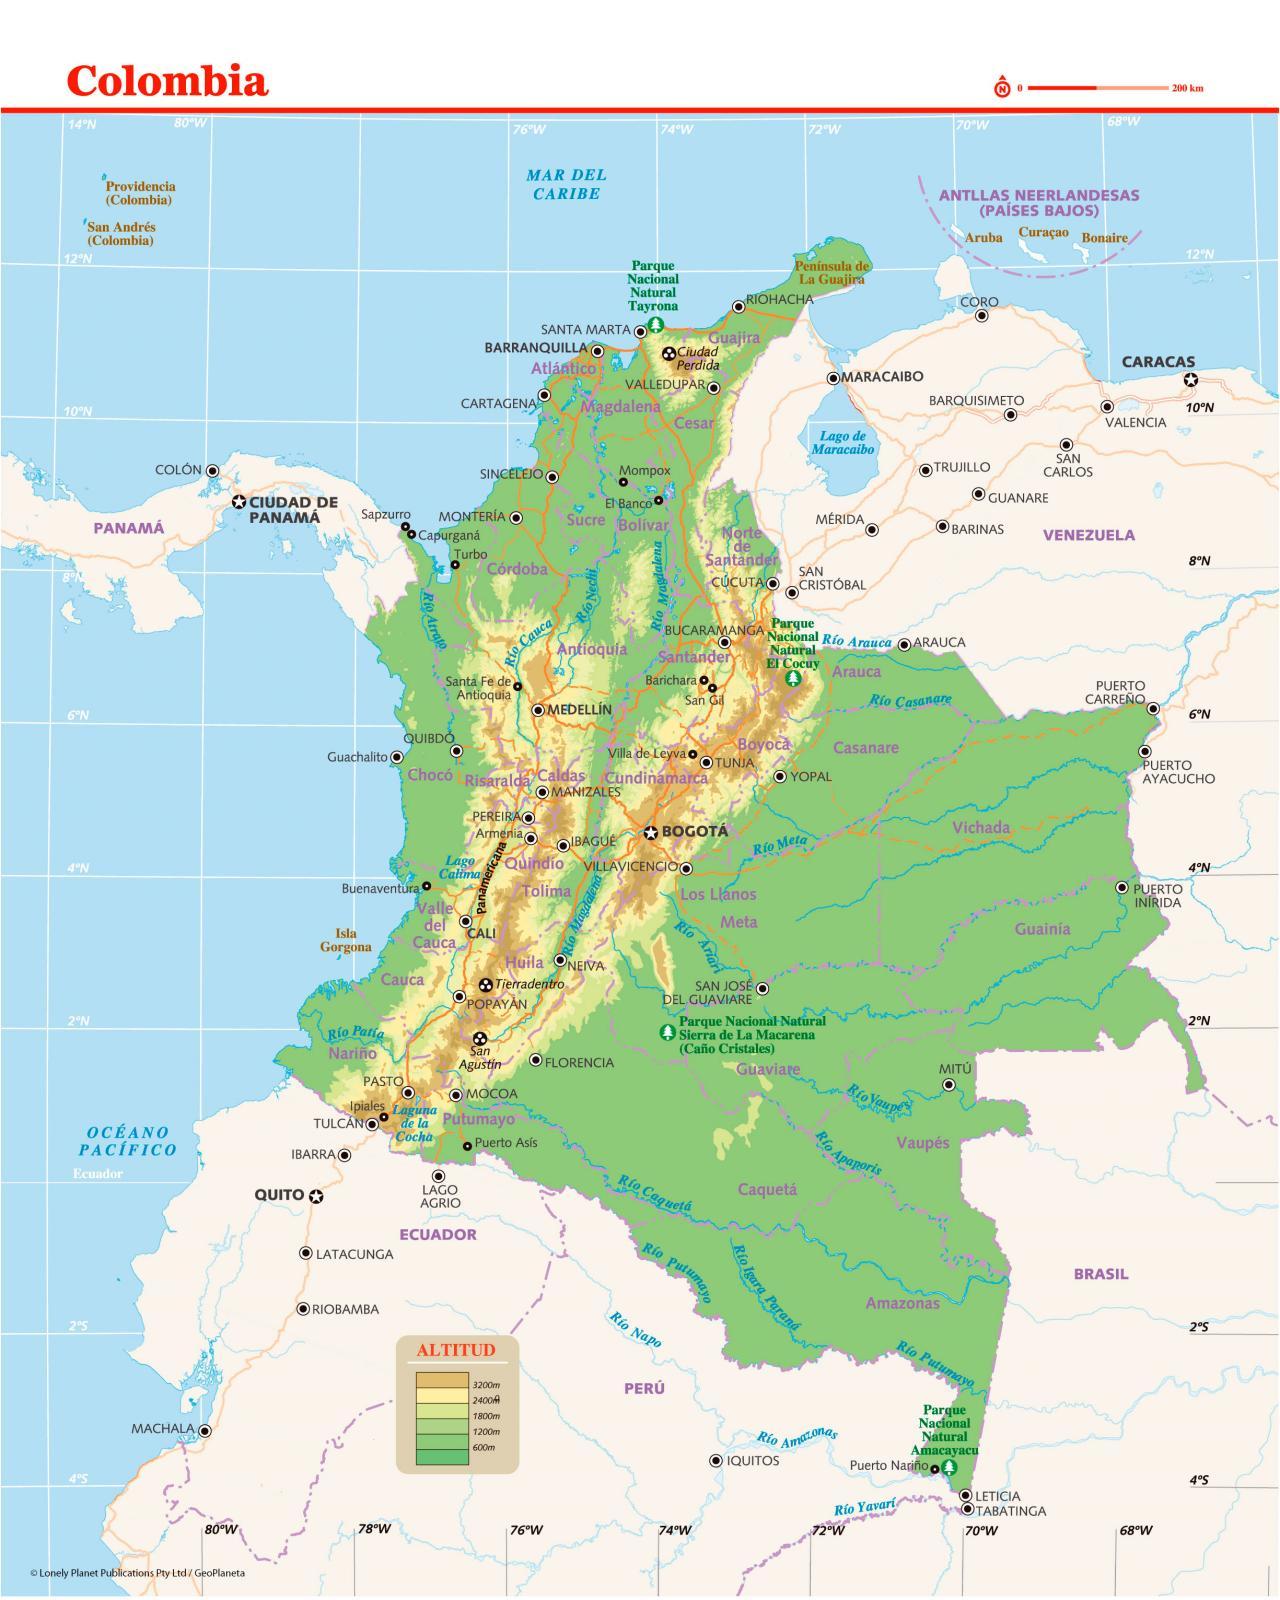 Mapas da Colômbia